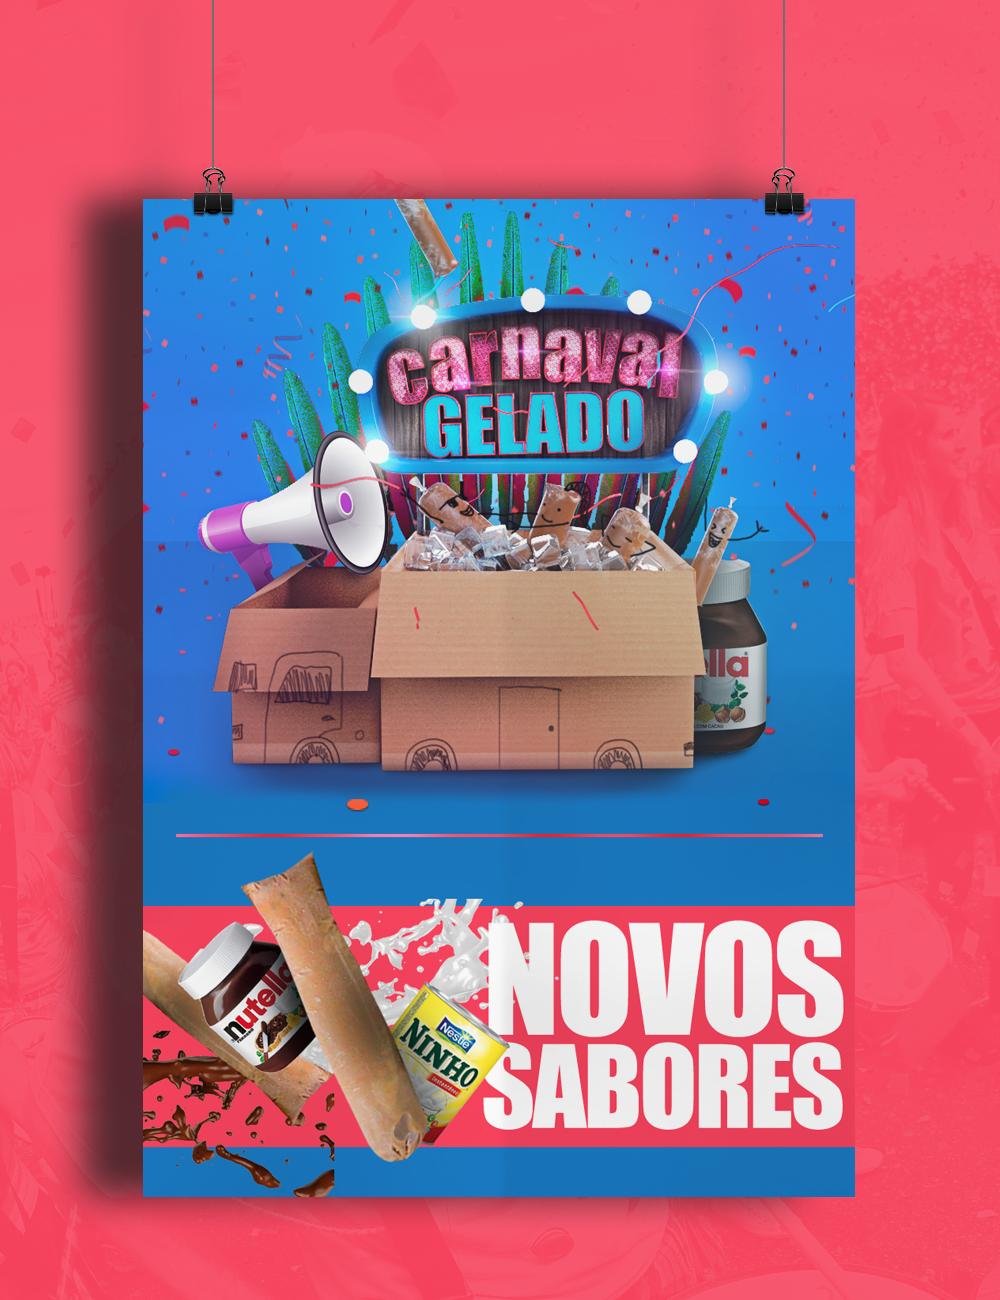 Carnaval Gelado, por Bruno Ramos (Foto: Reprodução).